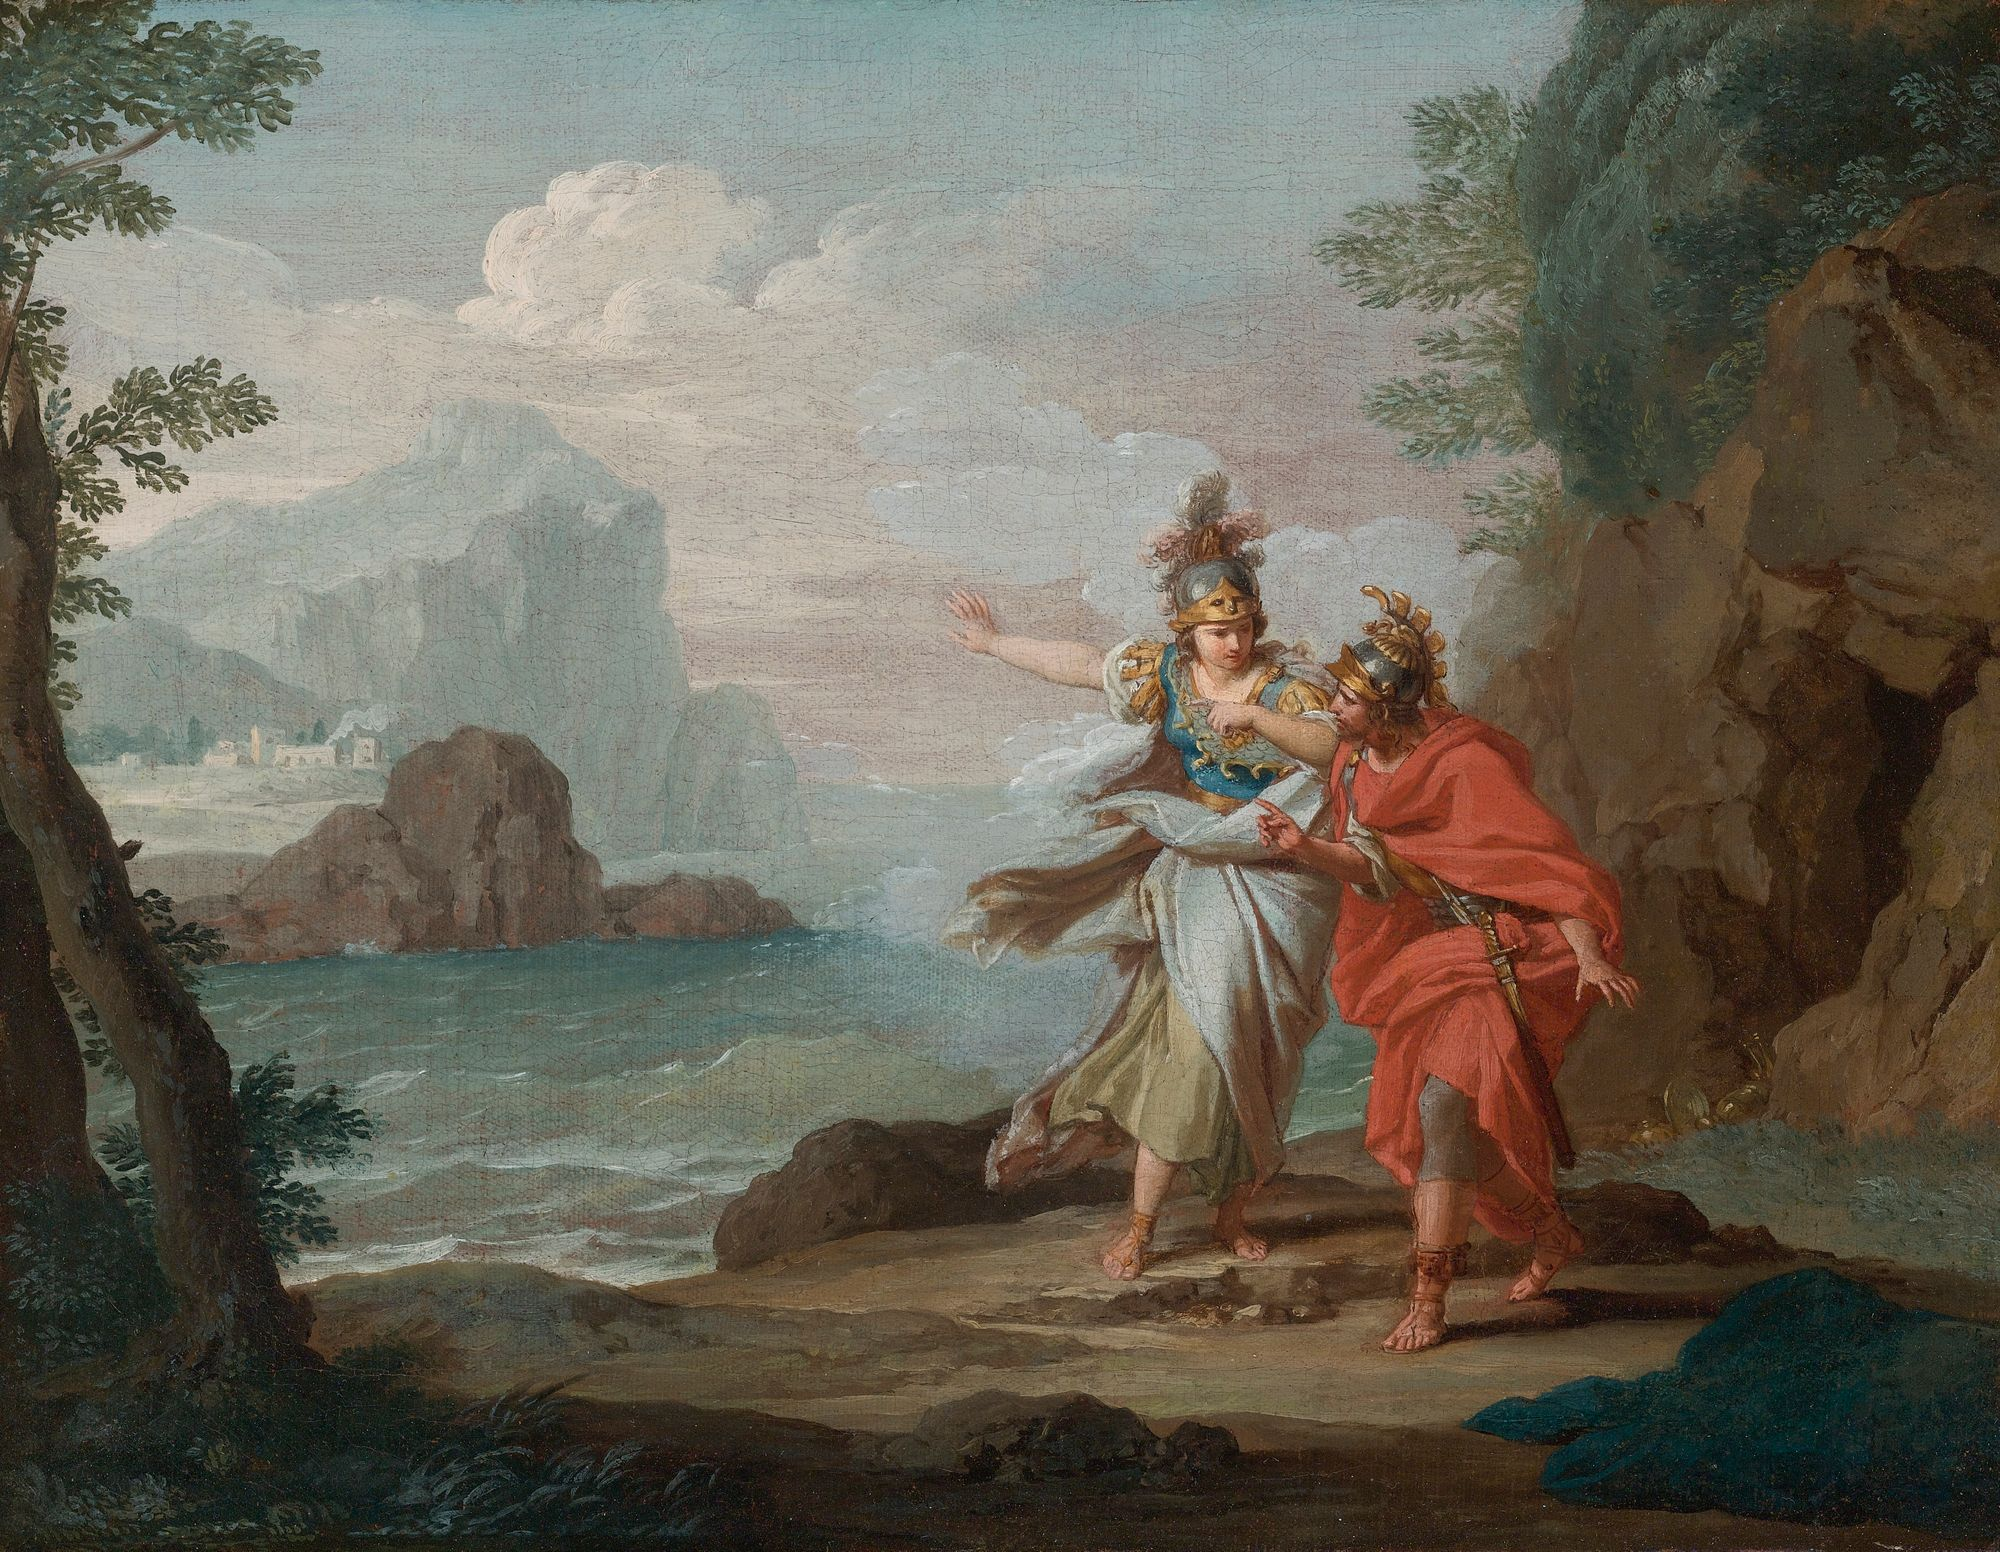 Atenea revelándose ante Odiseo y mostrándole la isla de Itaca. Pintura de Giuseppe Bottani.